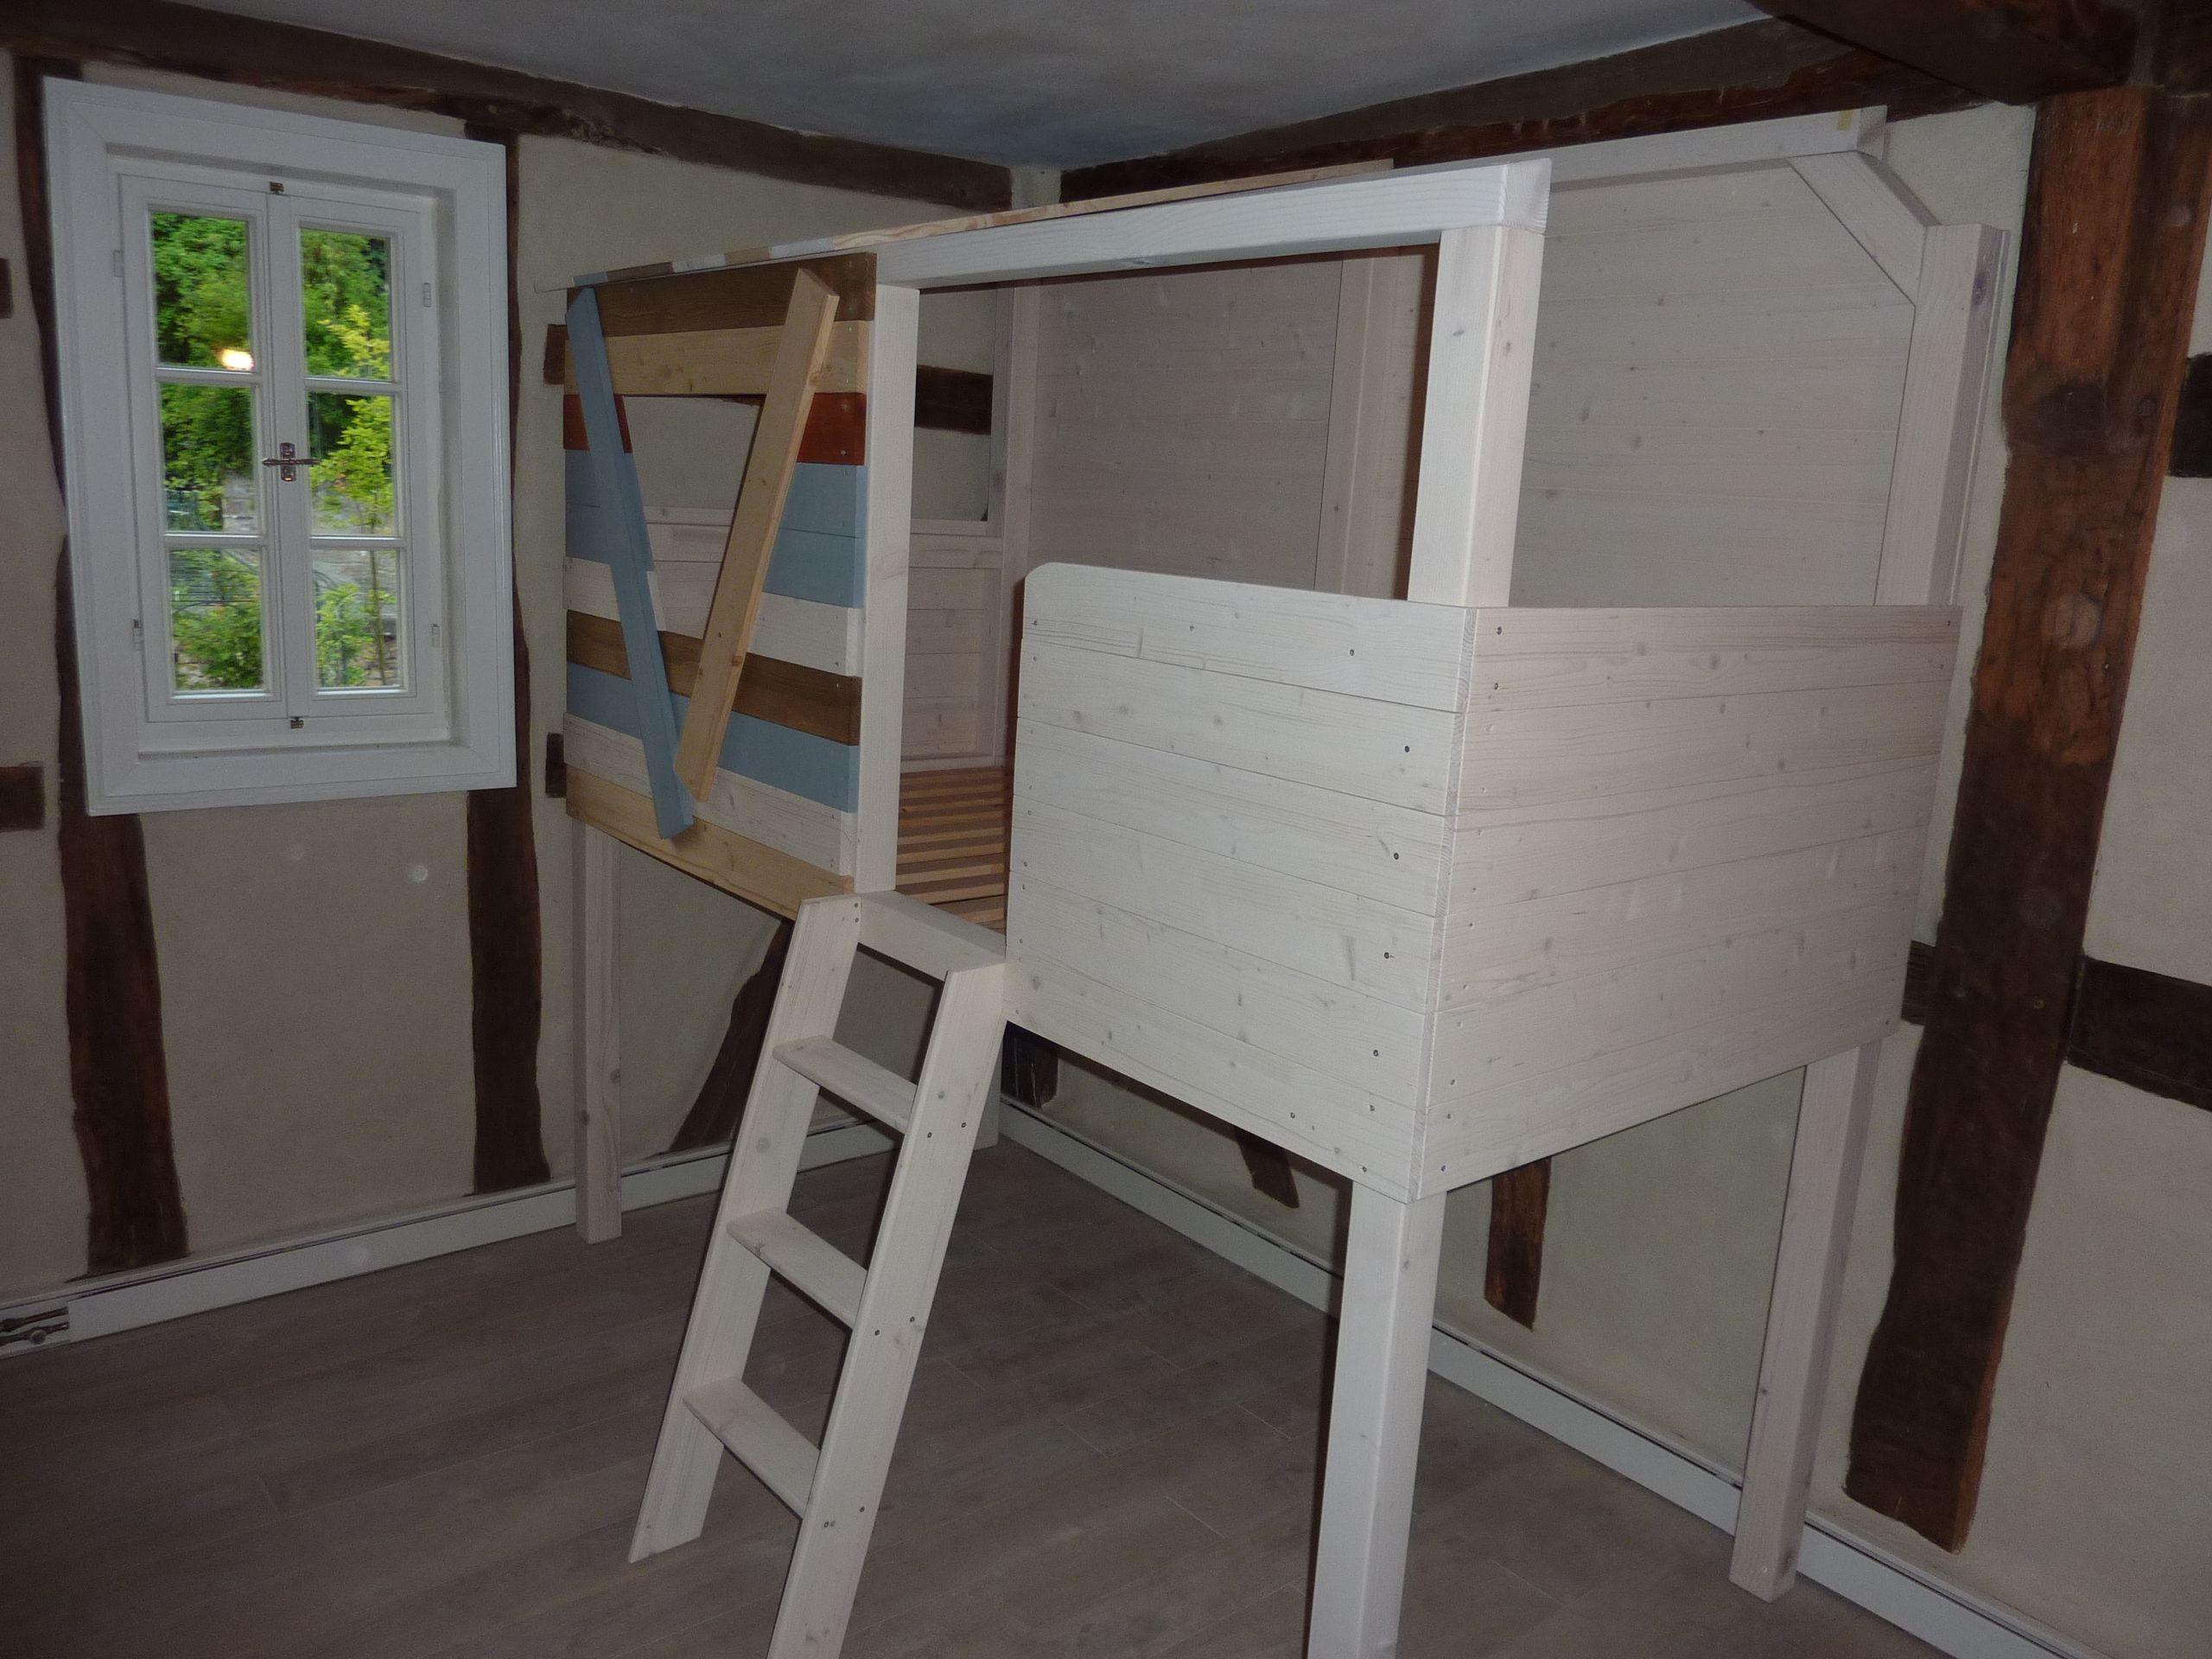 Ein Baumhaus im Kinderzimmer. Dieses Bett steht in einem hunderte ...